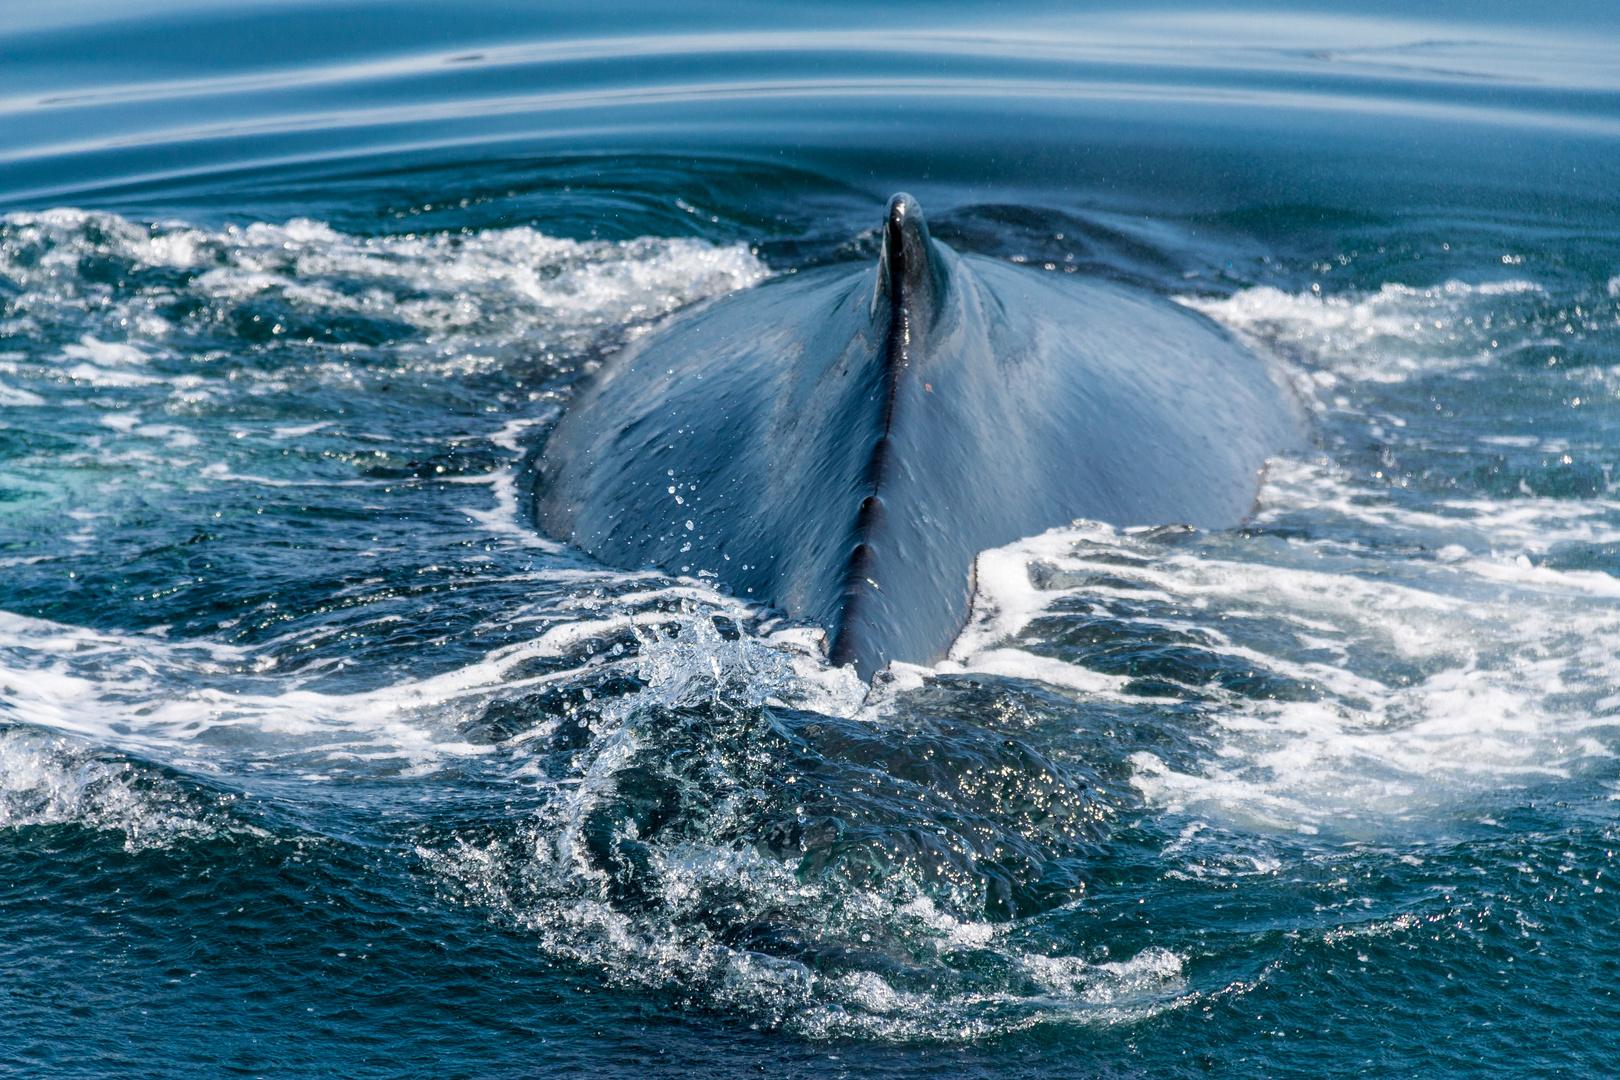 Ergebnis meiner Walbeobachtung